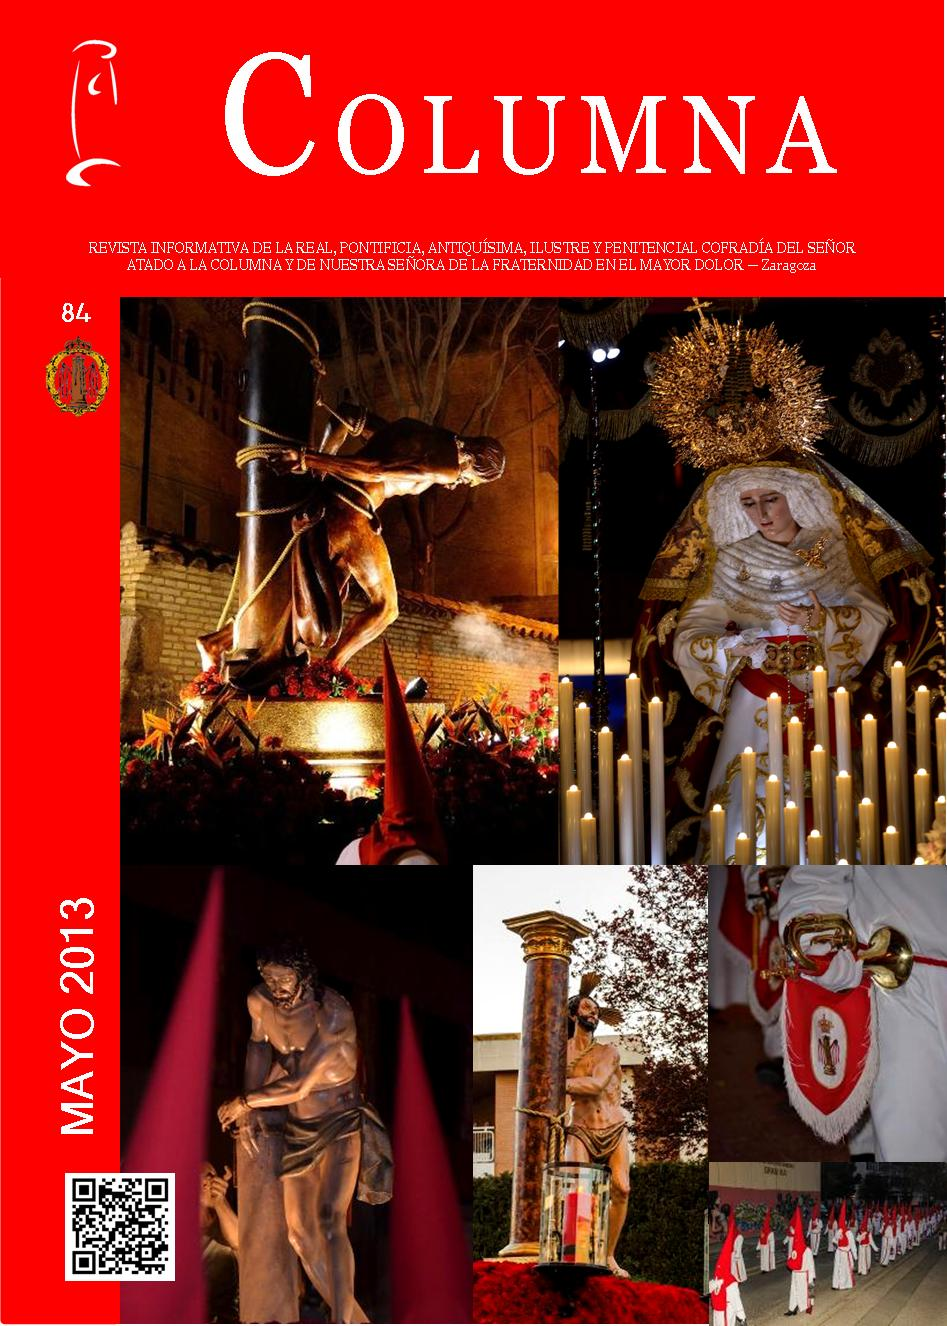 Cofradia Columna Zaragoza – Portada Revista 84 Mayo 2013